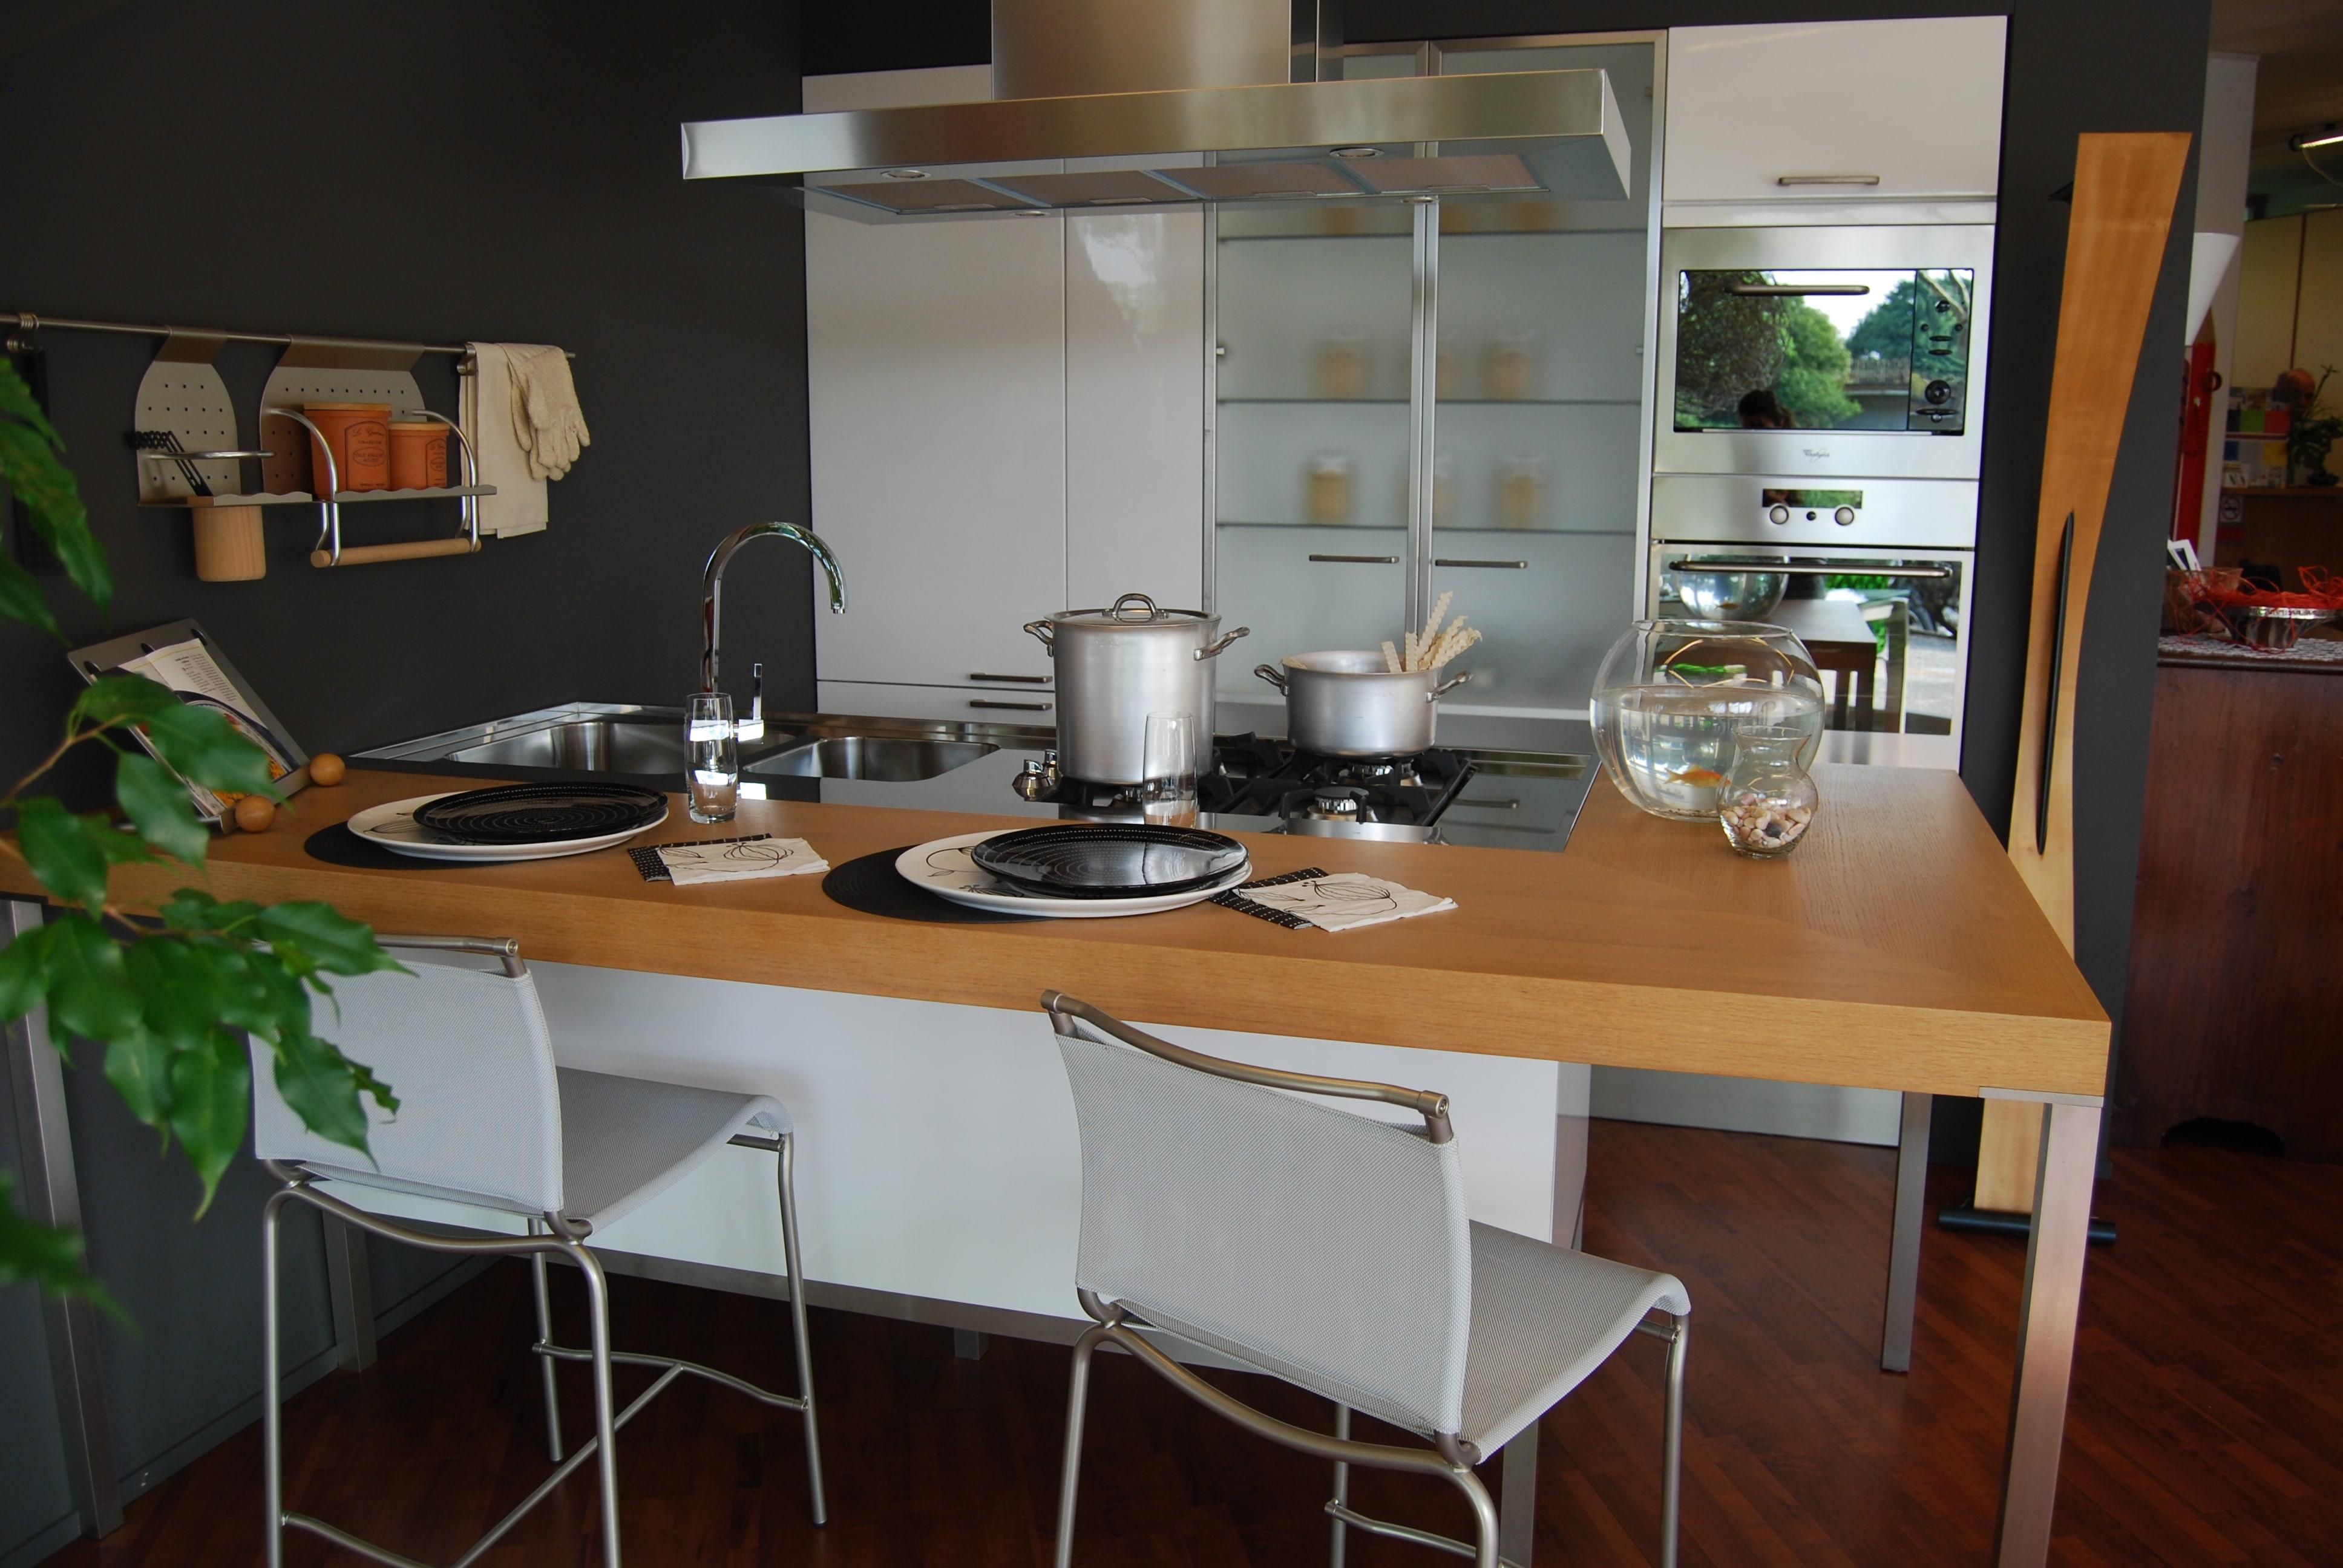 Cucine a parete cucine moderne with cucine a parete - Cucine a parete ...